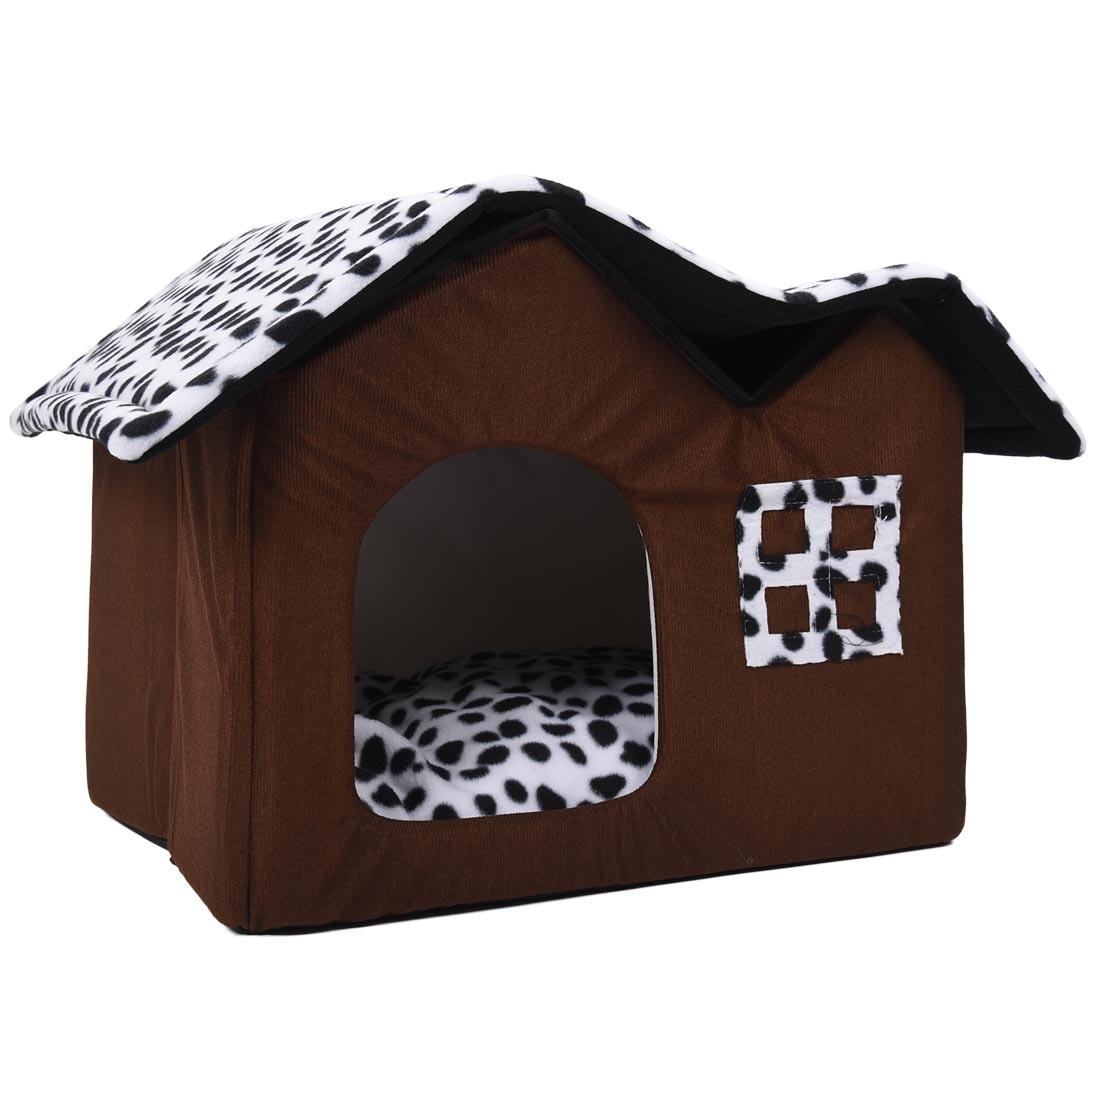 Домик для домашних животных (55x40x42 см)